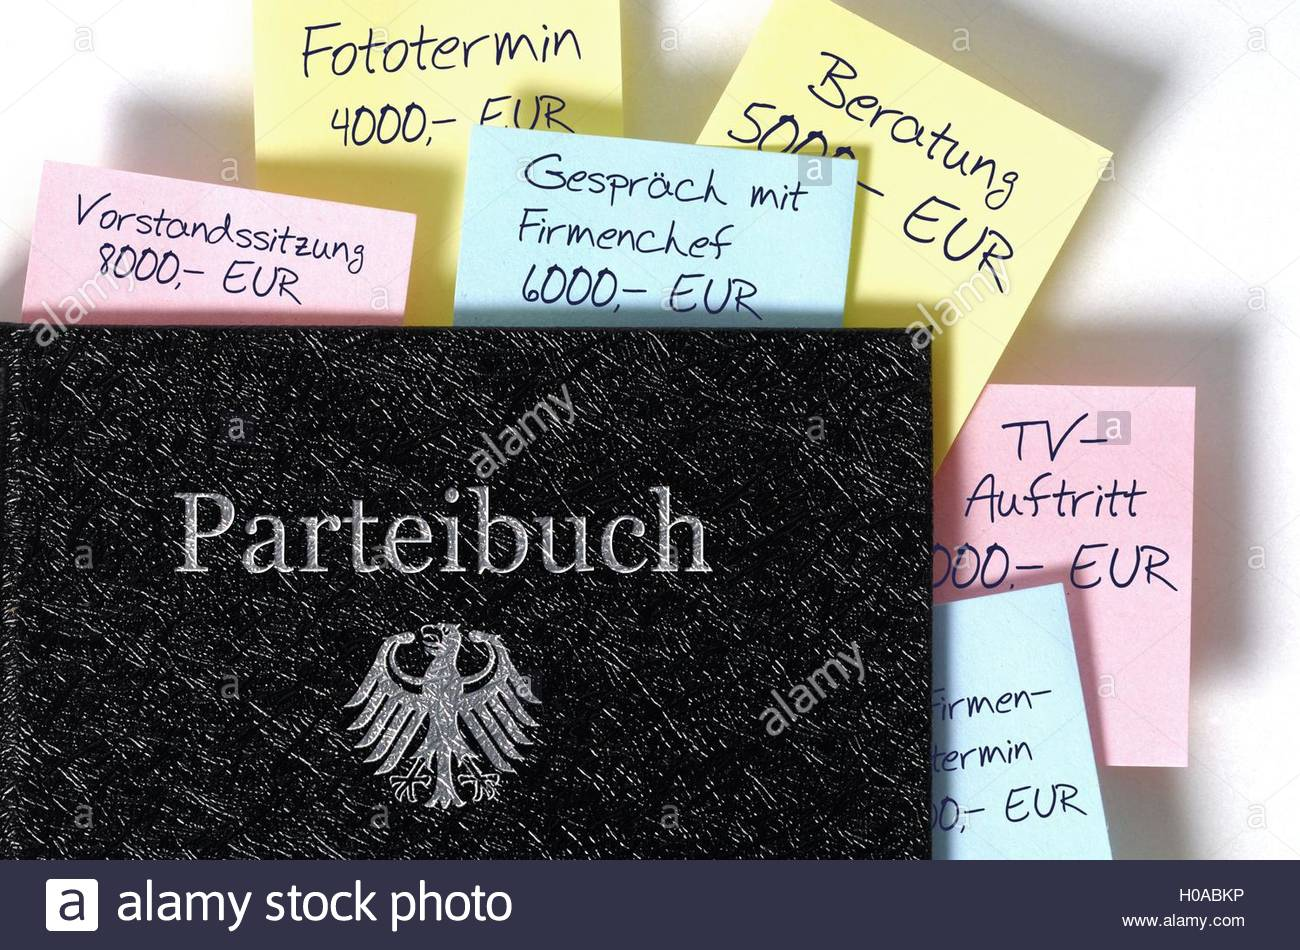 BLWX070455 [ (c) blickwinkel/McPHOTOx/Christian Ohde Tel. +49 (0)2302-2793220, E-mail: info@blickwinkel.de, Internet: - Stock Image